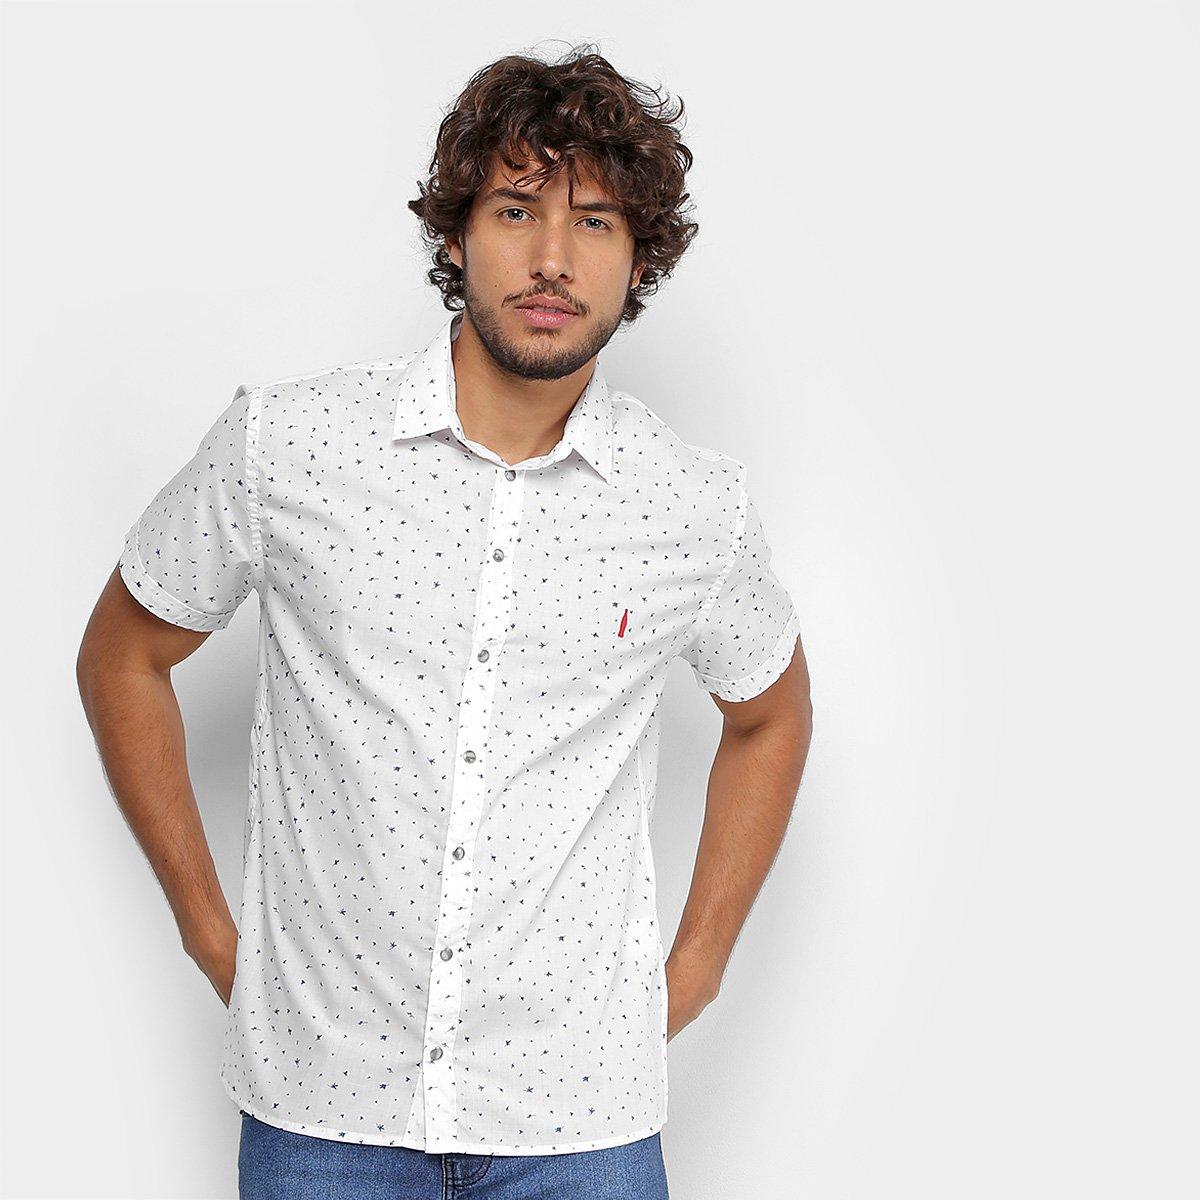 f04844dd75f4d Camisa Coca-Cola Manga Curta Estampada Masculina - Compre Agora ...